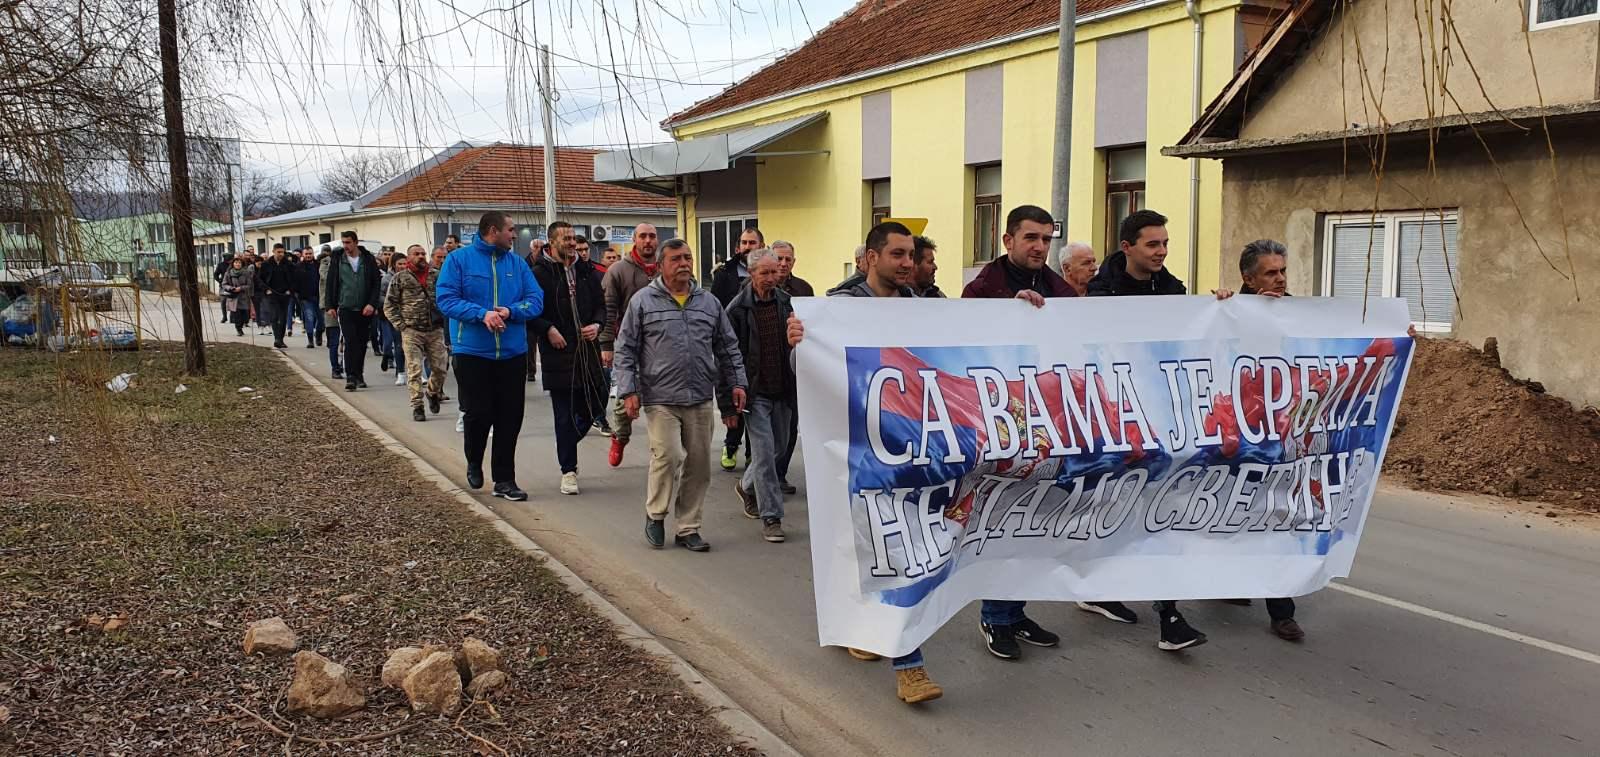 Protestna šetnja, foto: M.S.